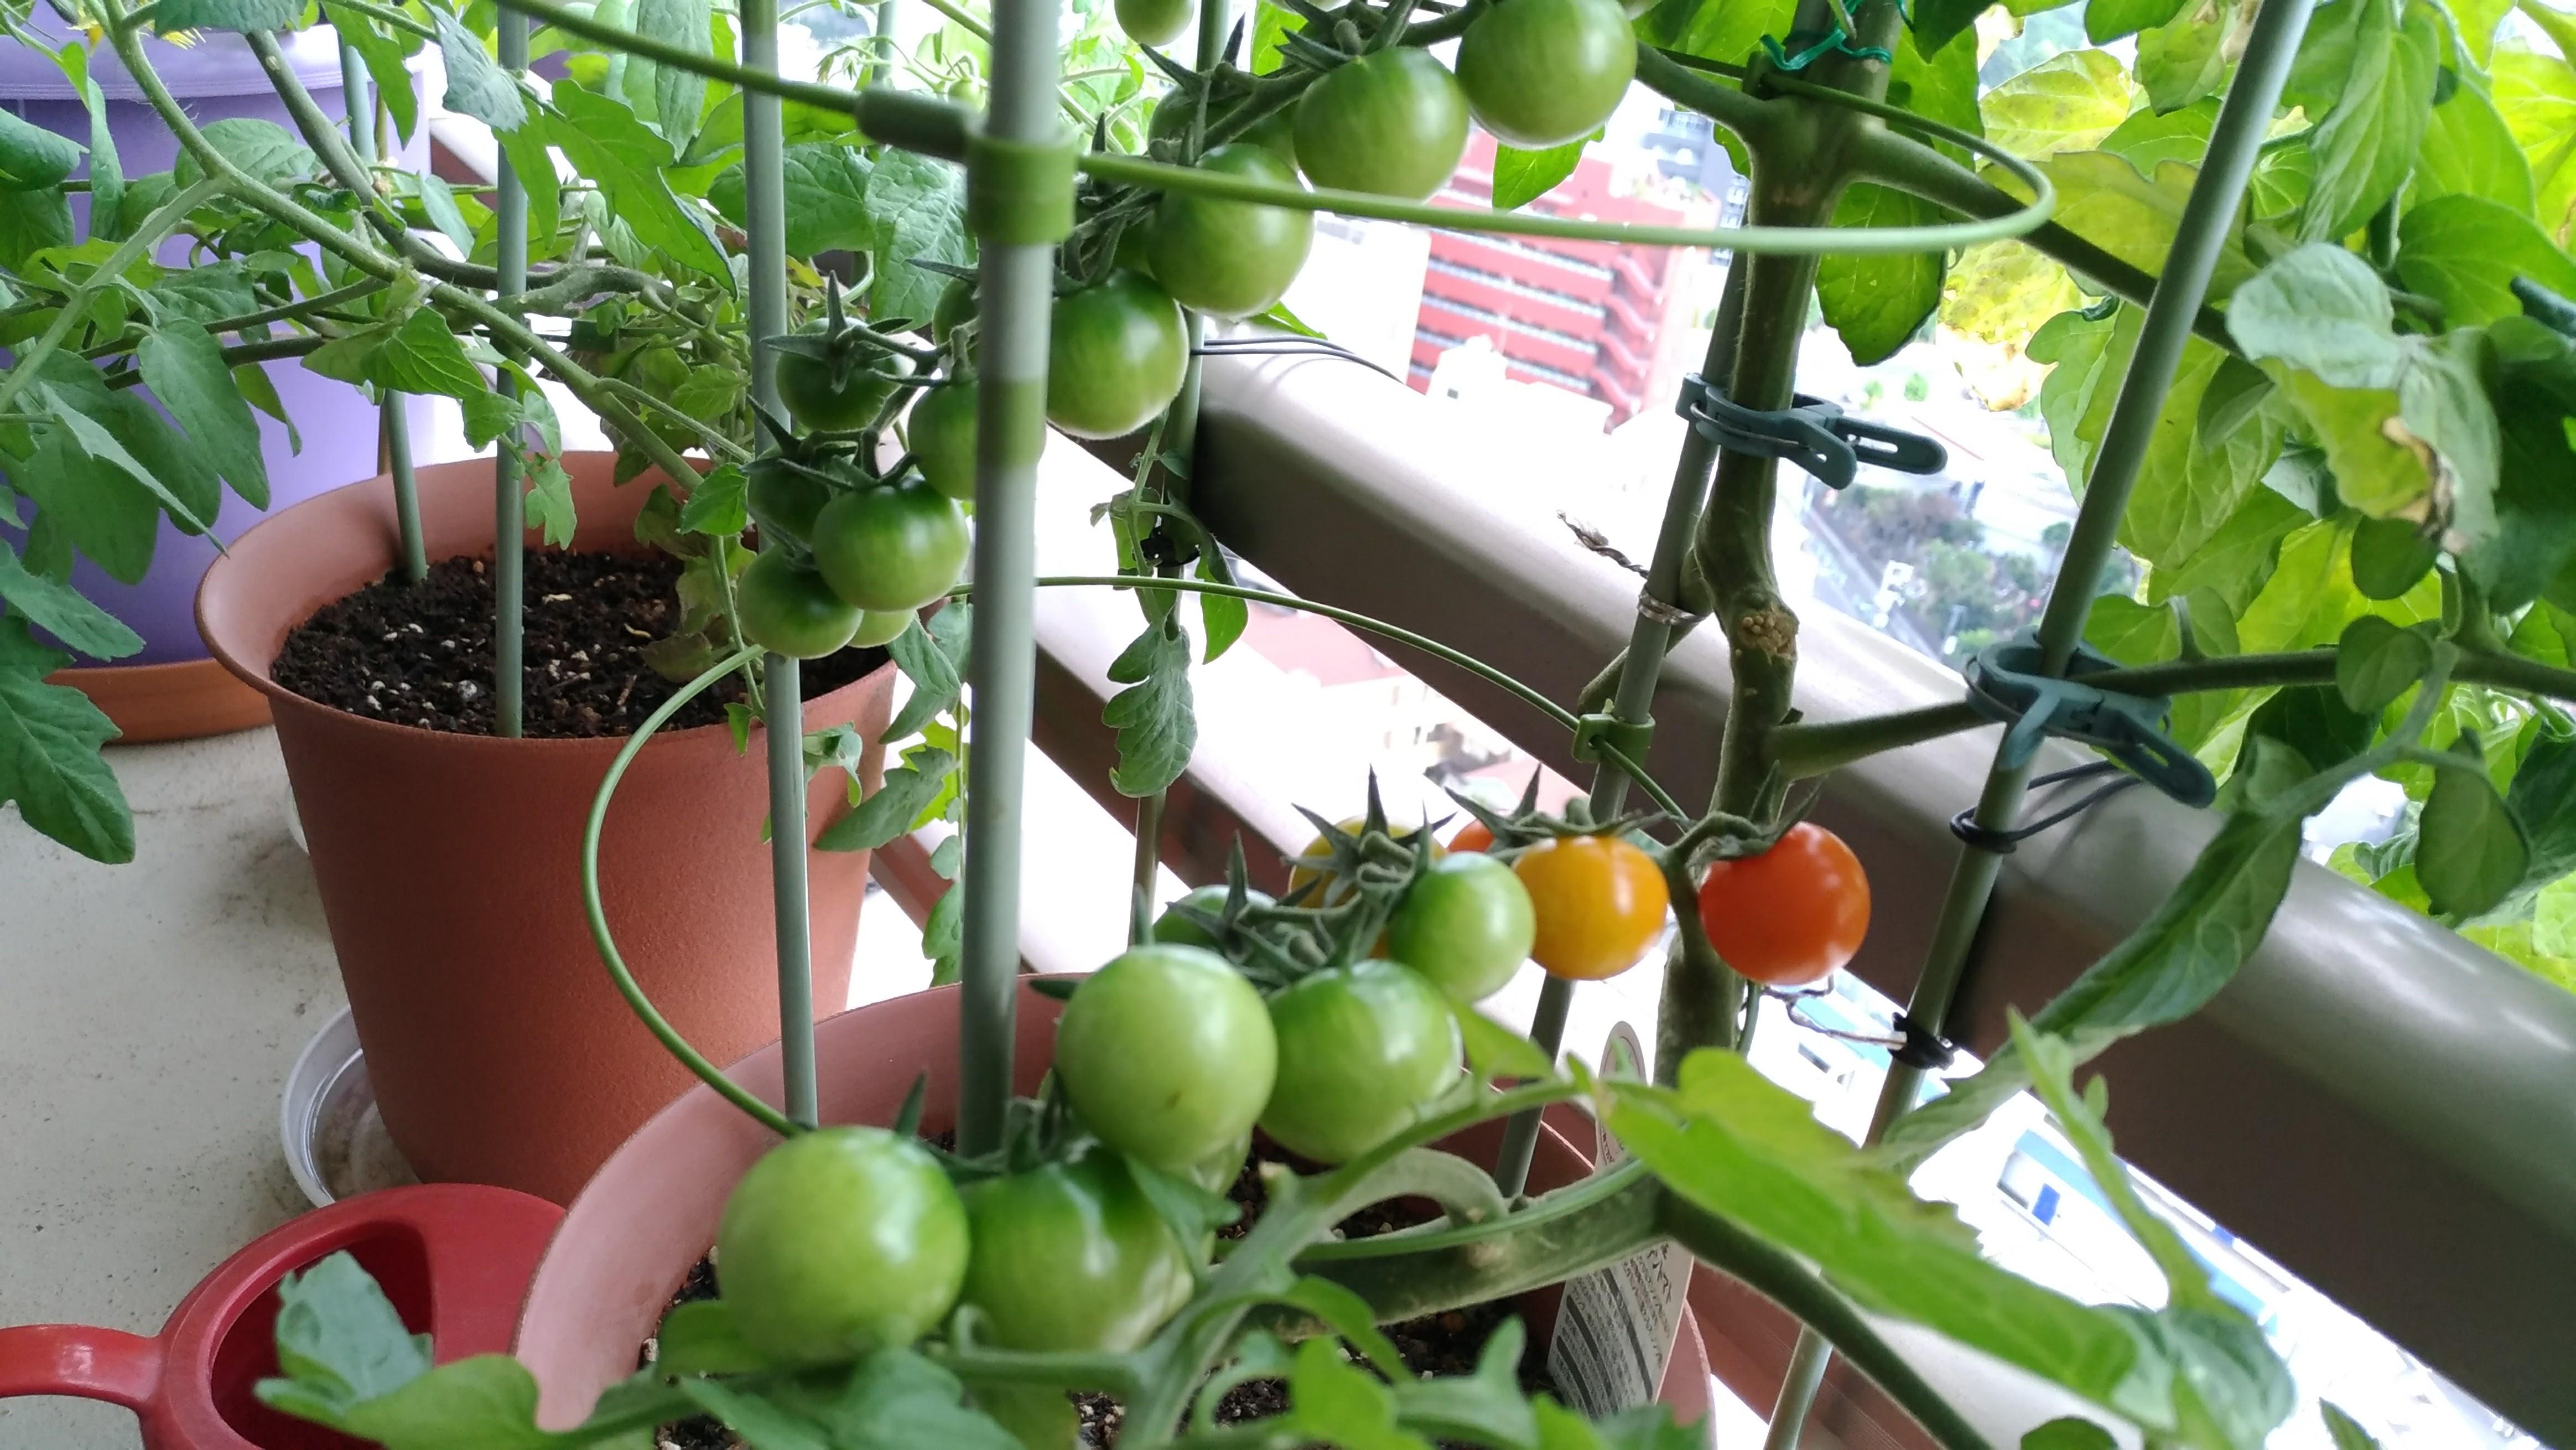 βカロテントマト